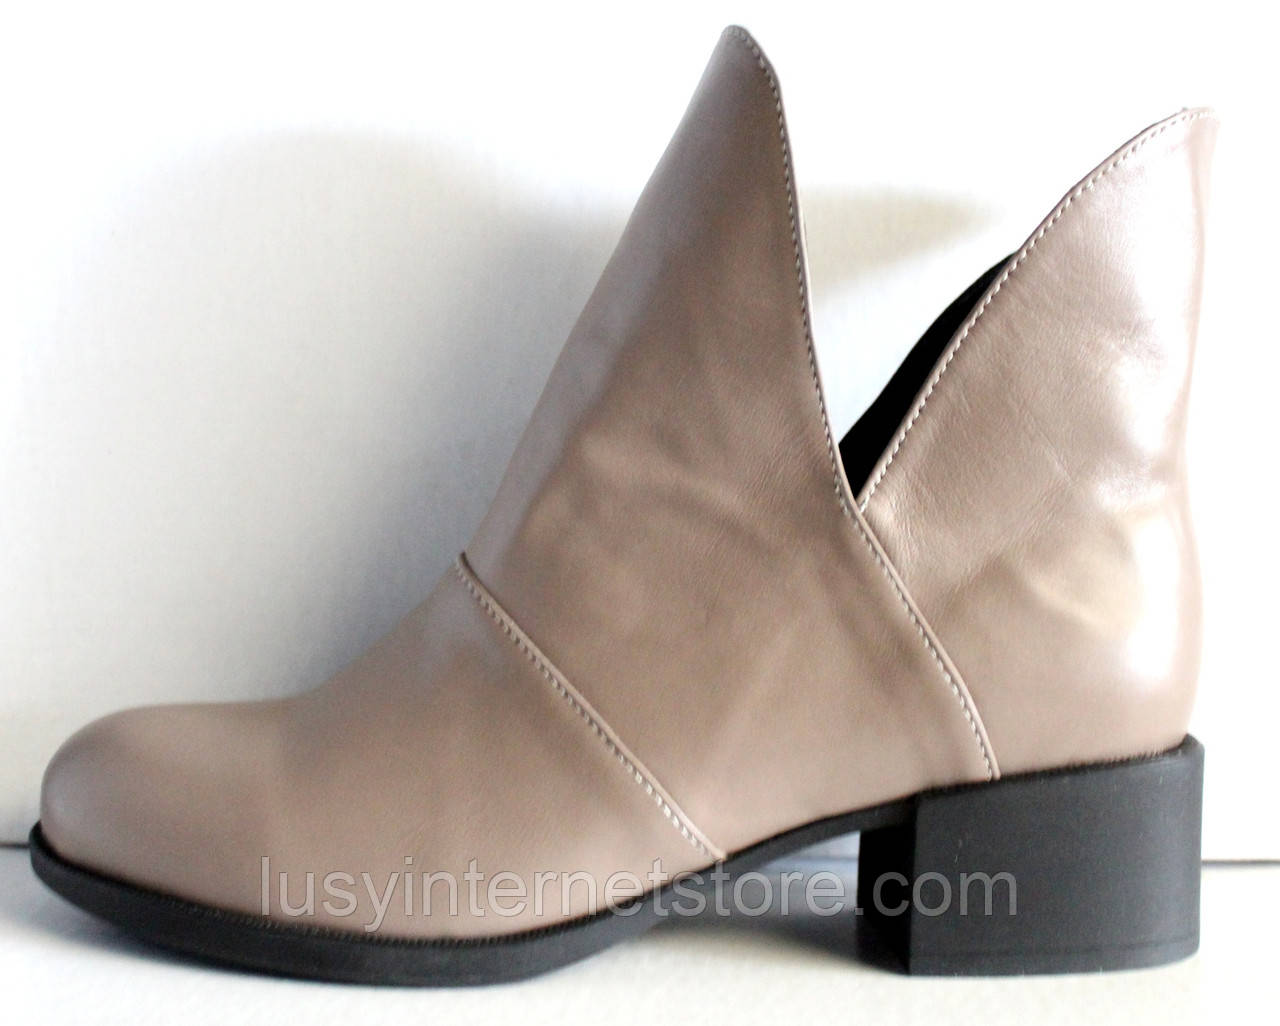 Ботинки женские кожаные демисезонные на низком каблуке от производителя модель ЛД101-1